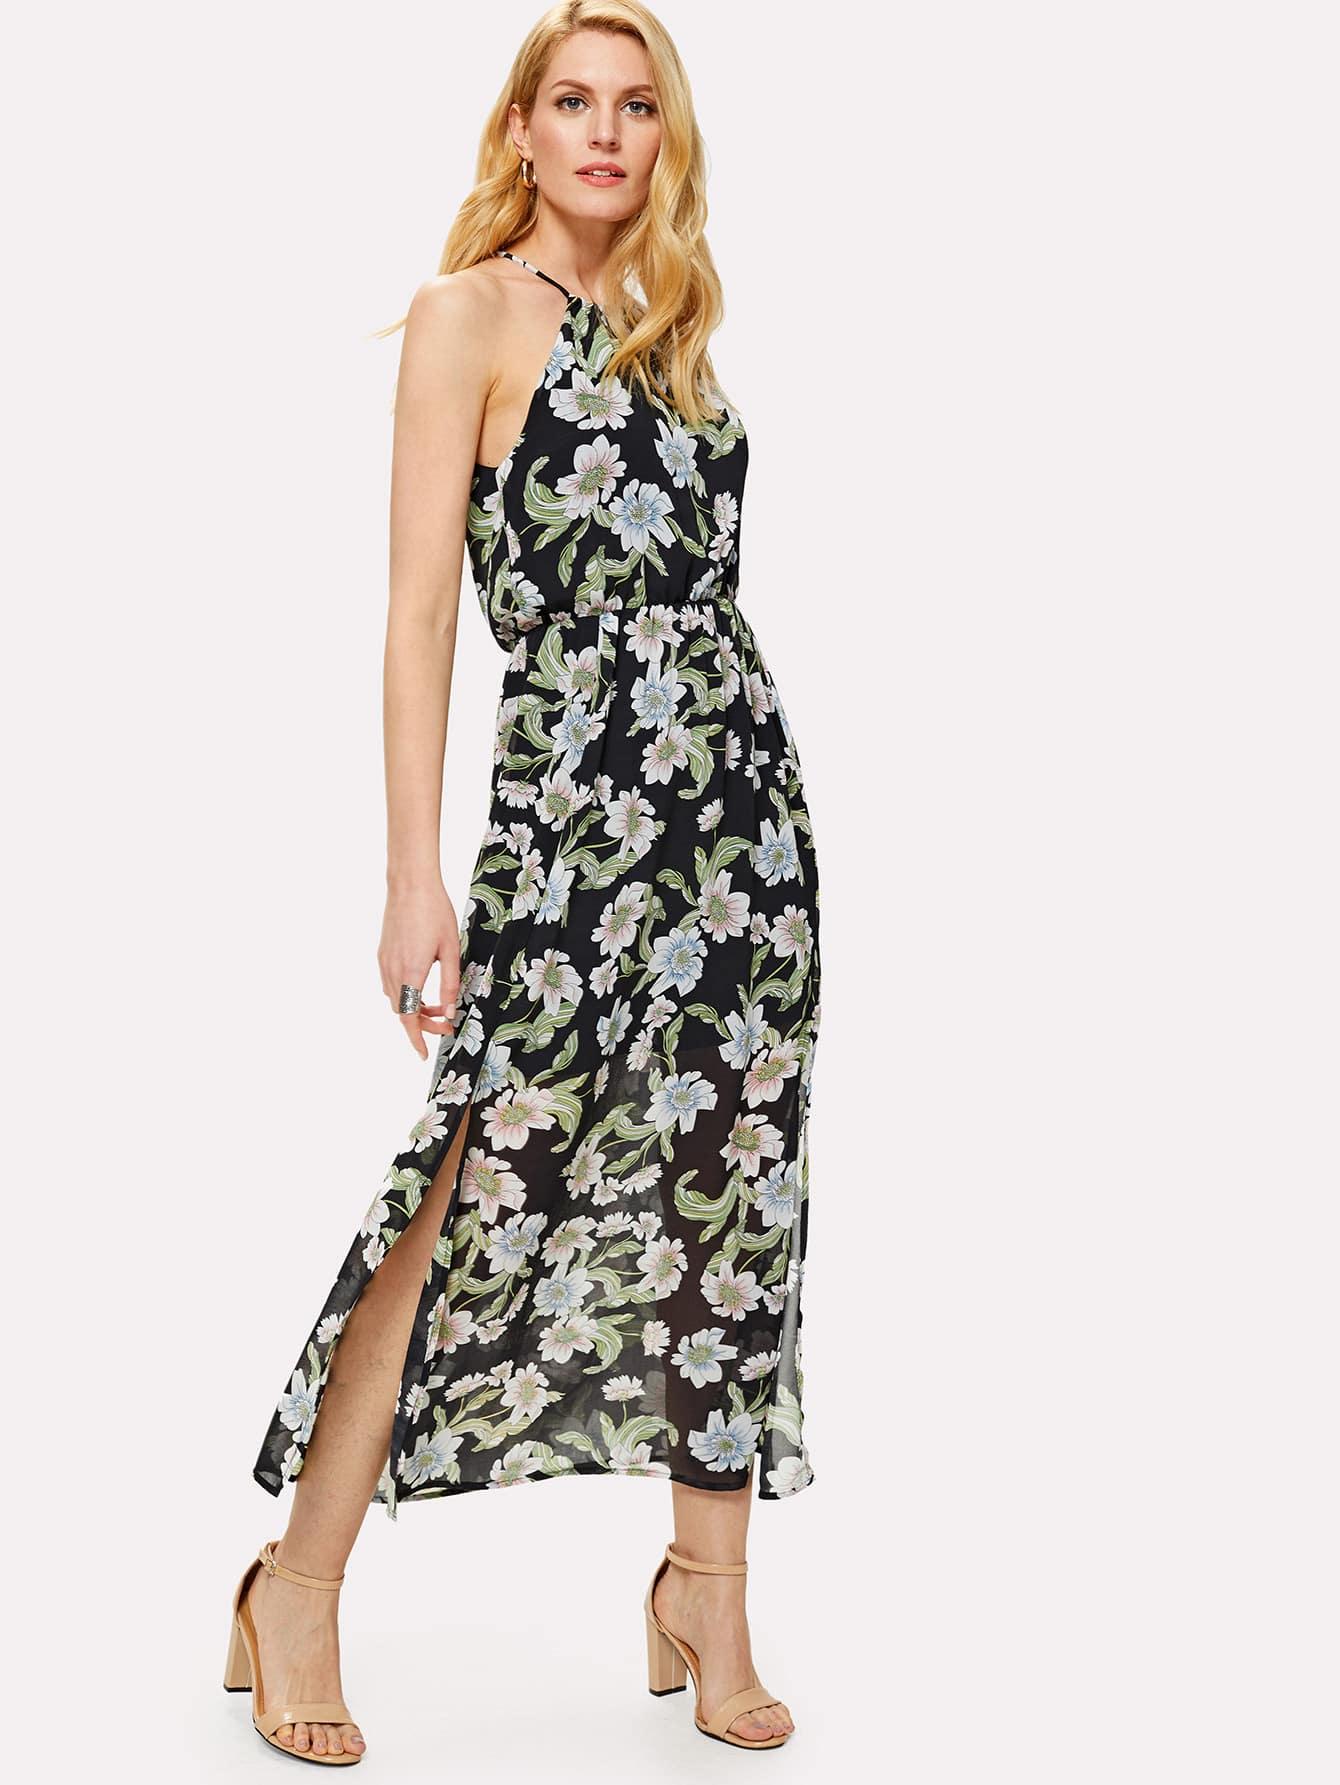 Split Side Halter Neck Floral Dress floral print split side dress